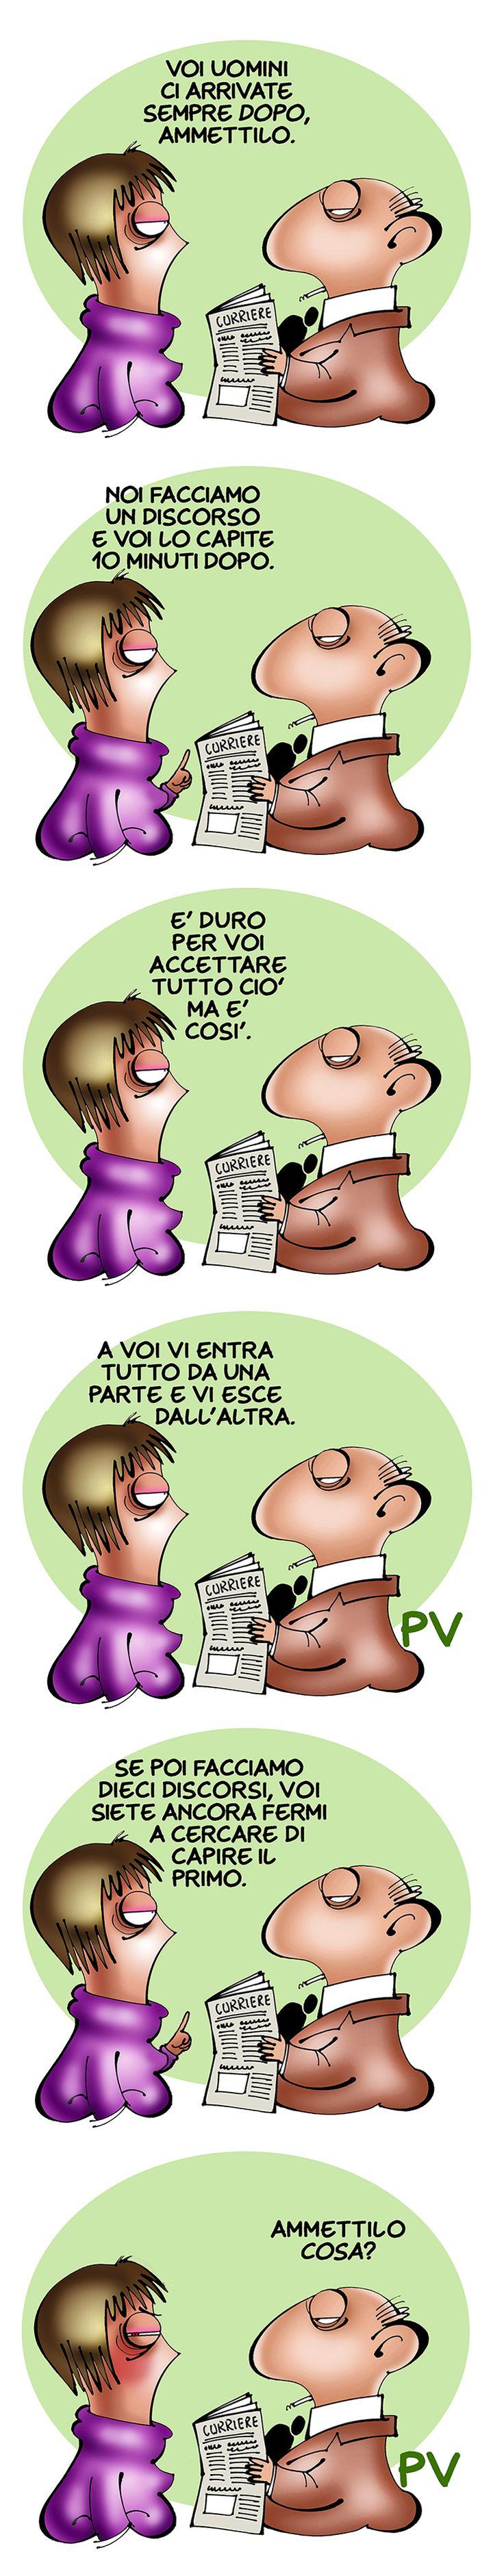 » ...da www.unavignettadipv.it